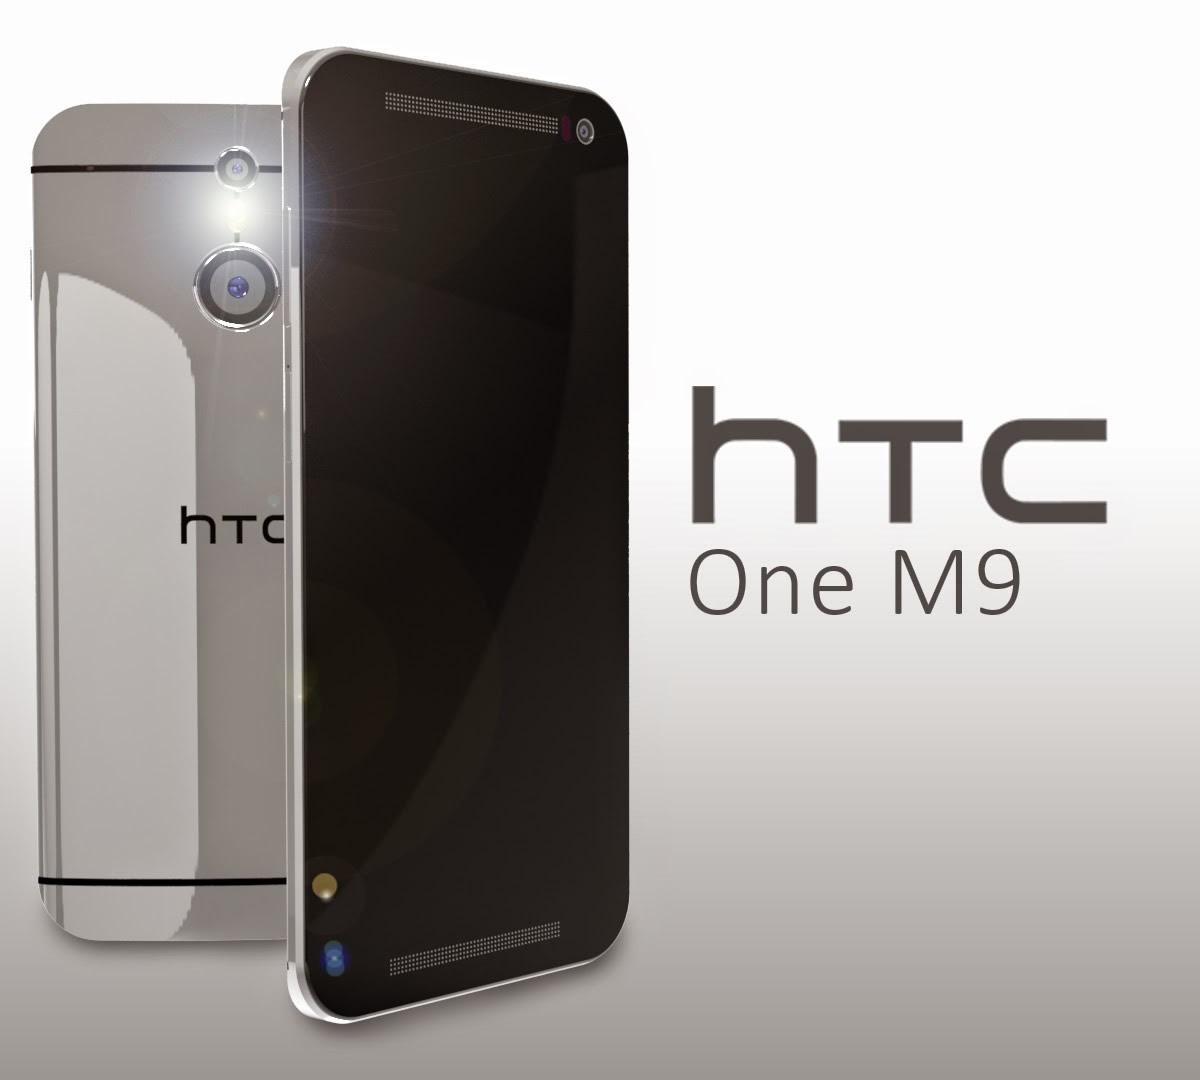 HTC One M9 obtiene actualización para su cámara 1